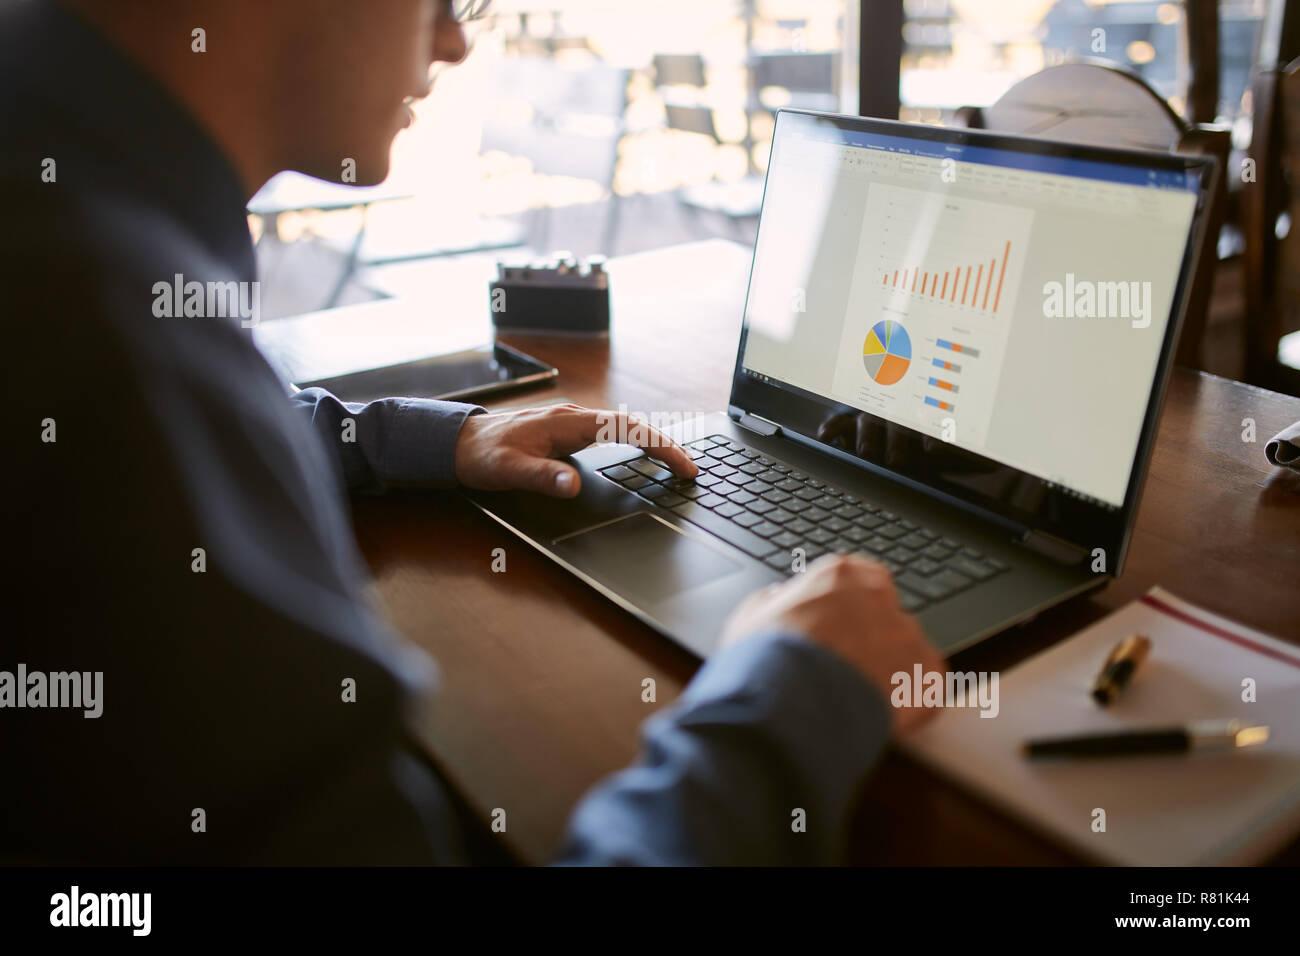 Cierre la vista posterior del empresario caucásica manos escribiendo en el teclado del portátil y el uso de touchpad. Portátil y la pluma en primer plano del área de trabajo. Gráficos y diagramas en la pantalla. Aislado ninguna cara vista. Imagen De Stock